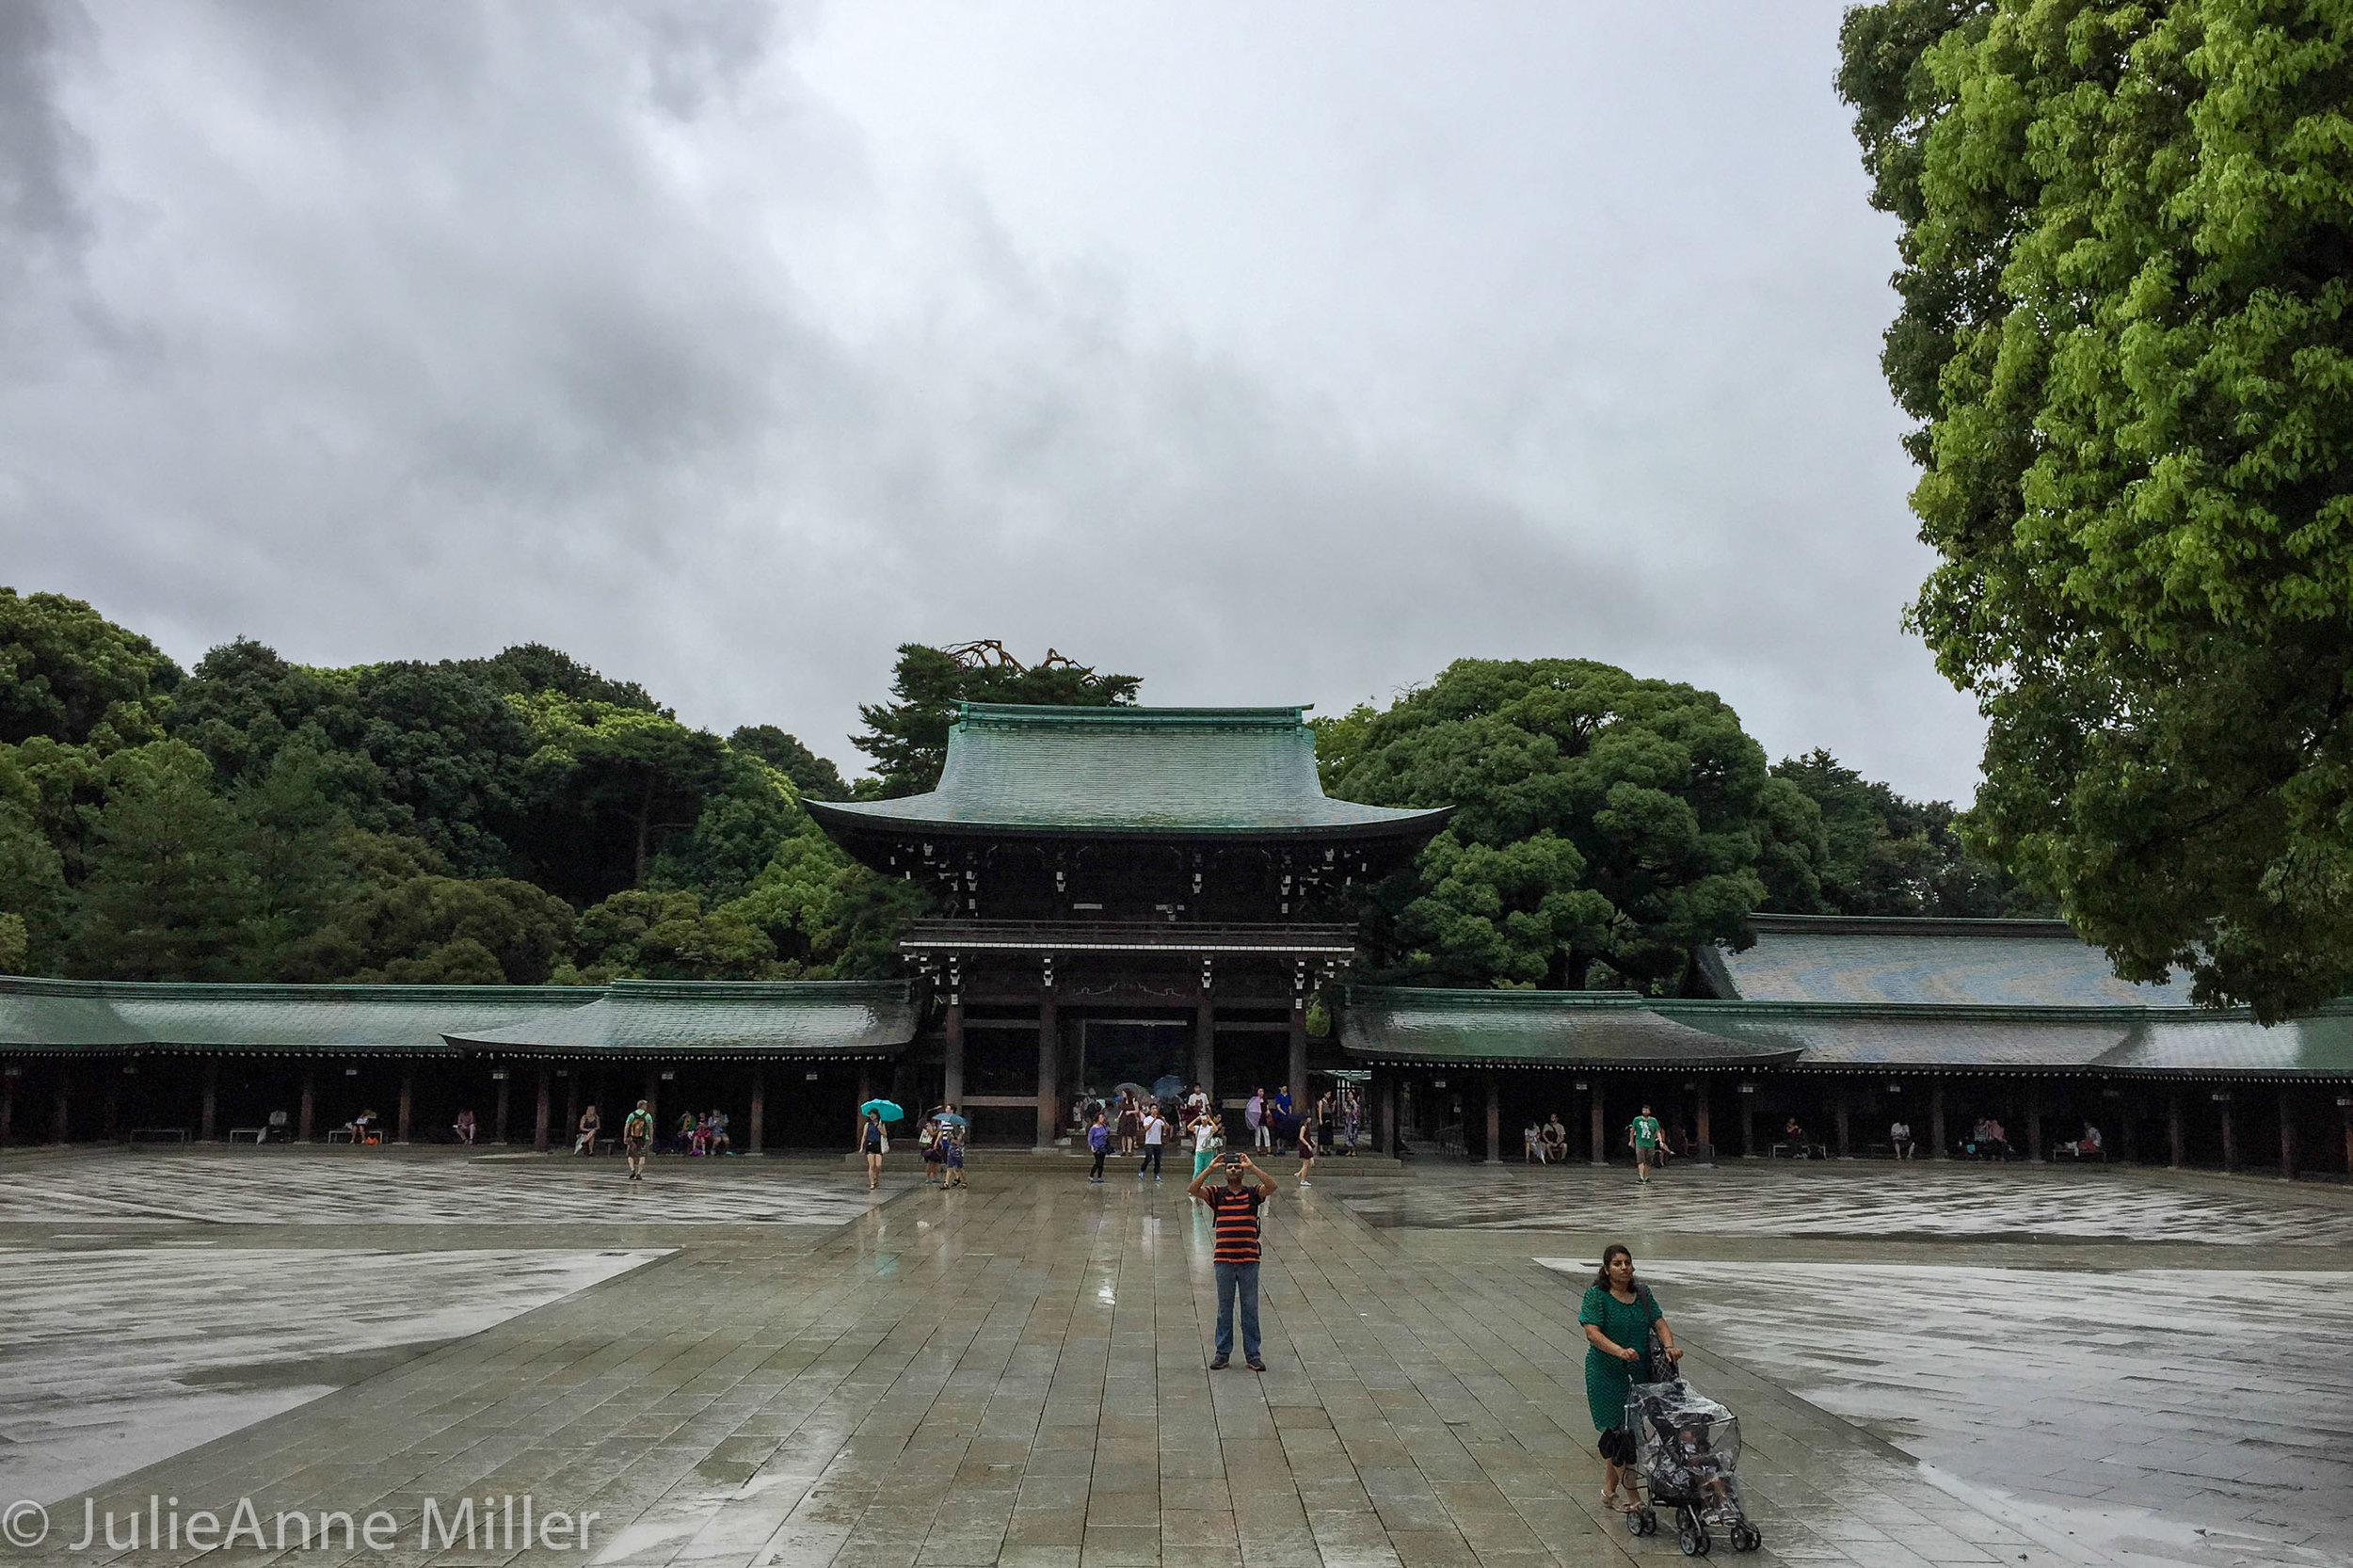 Meiji Jingū (明治神宮)